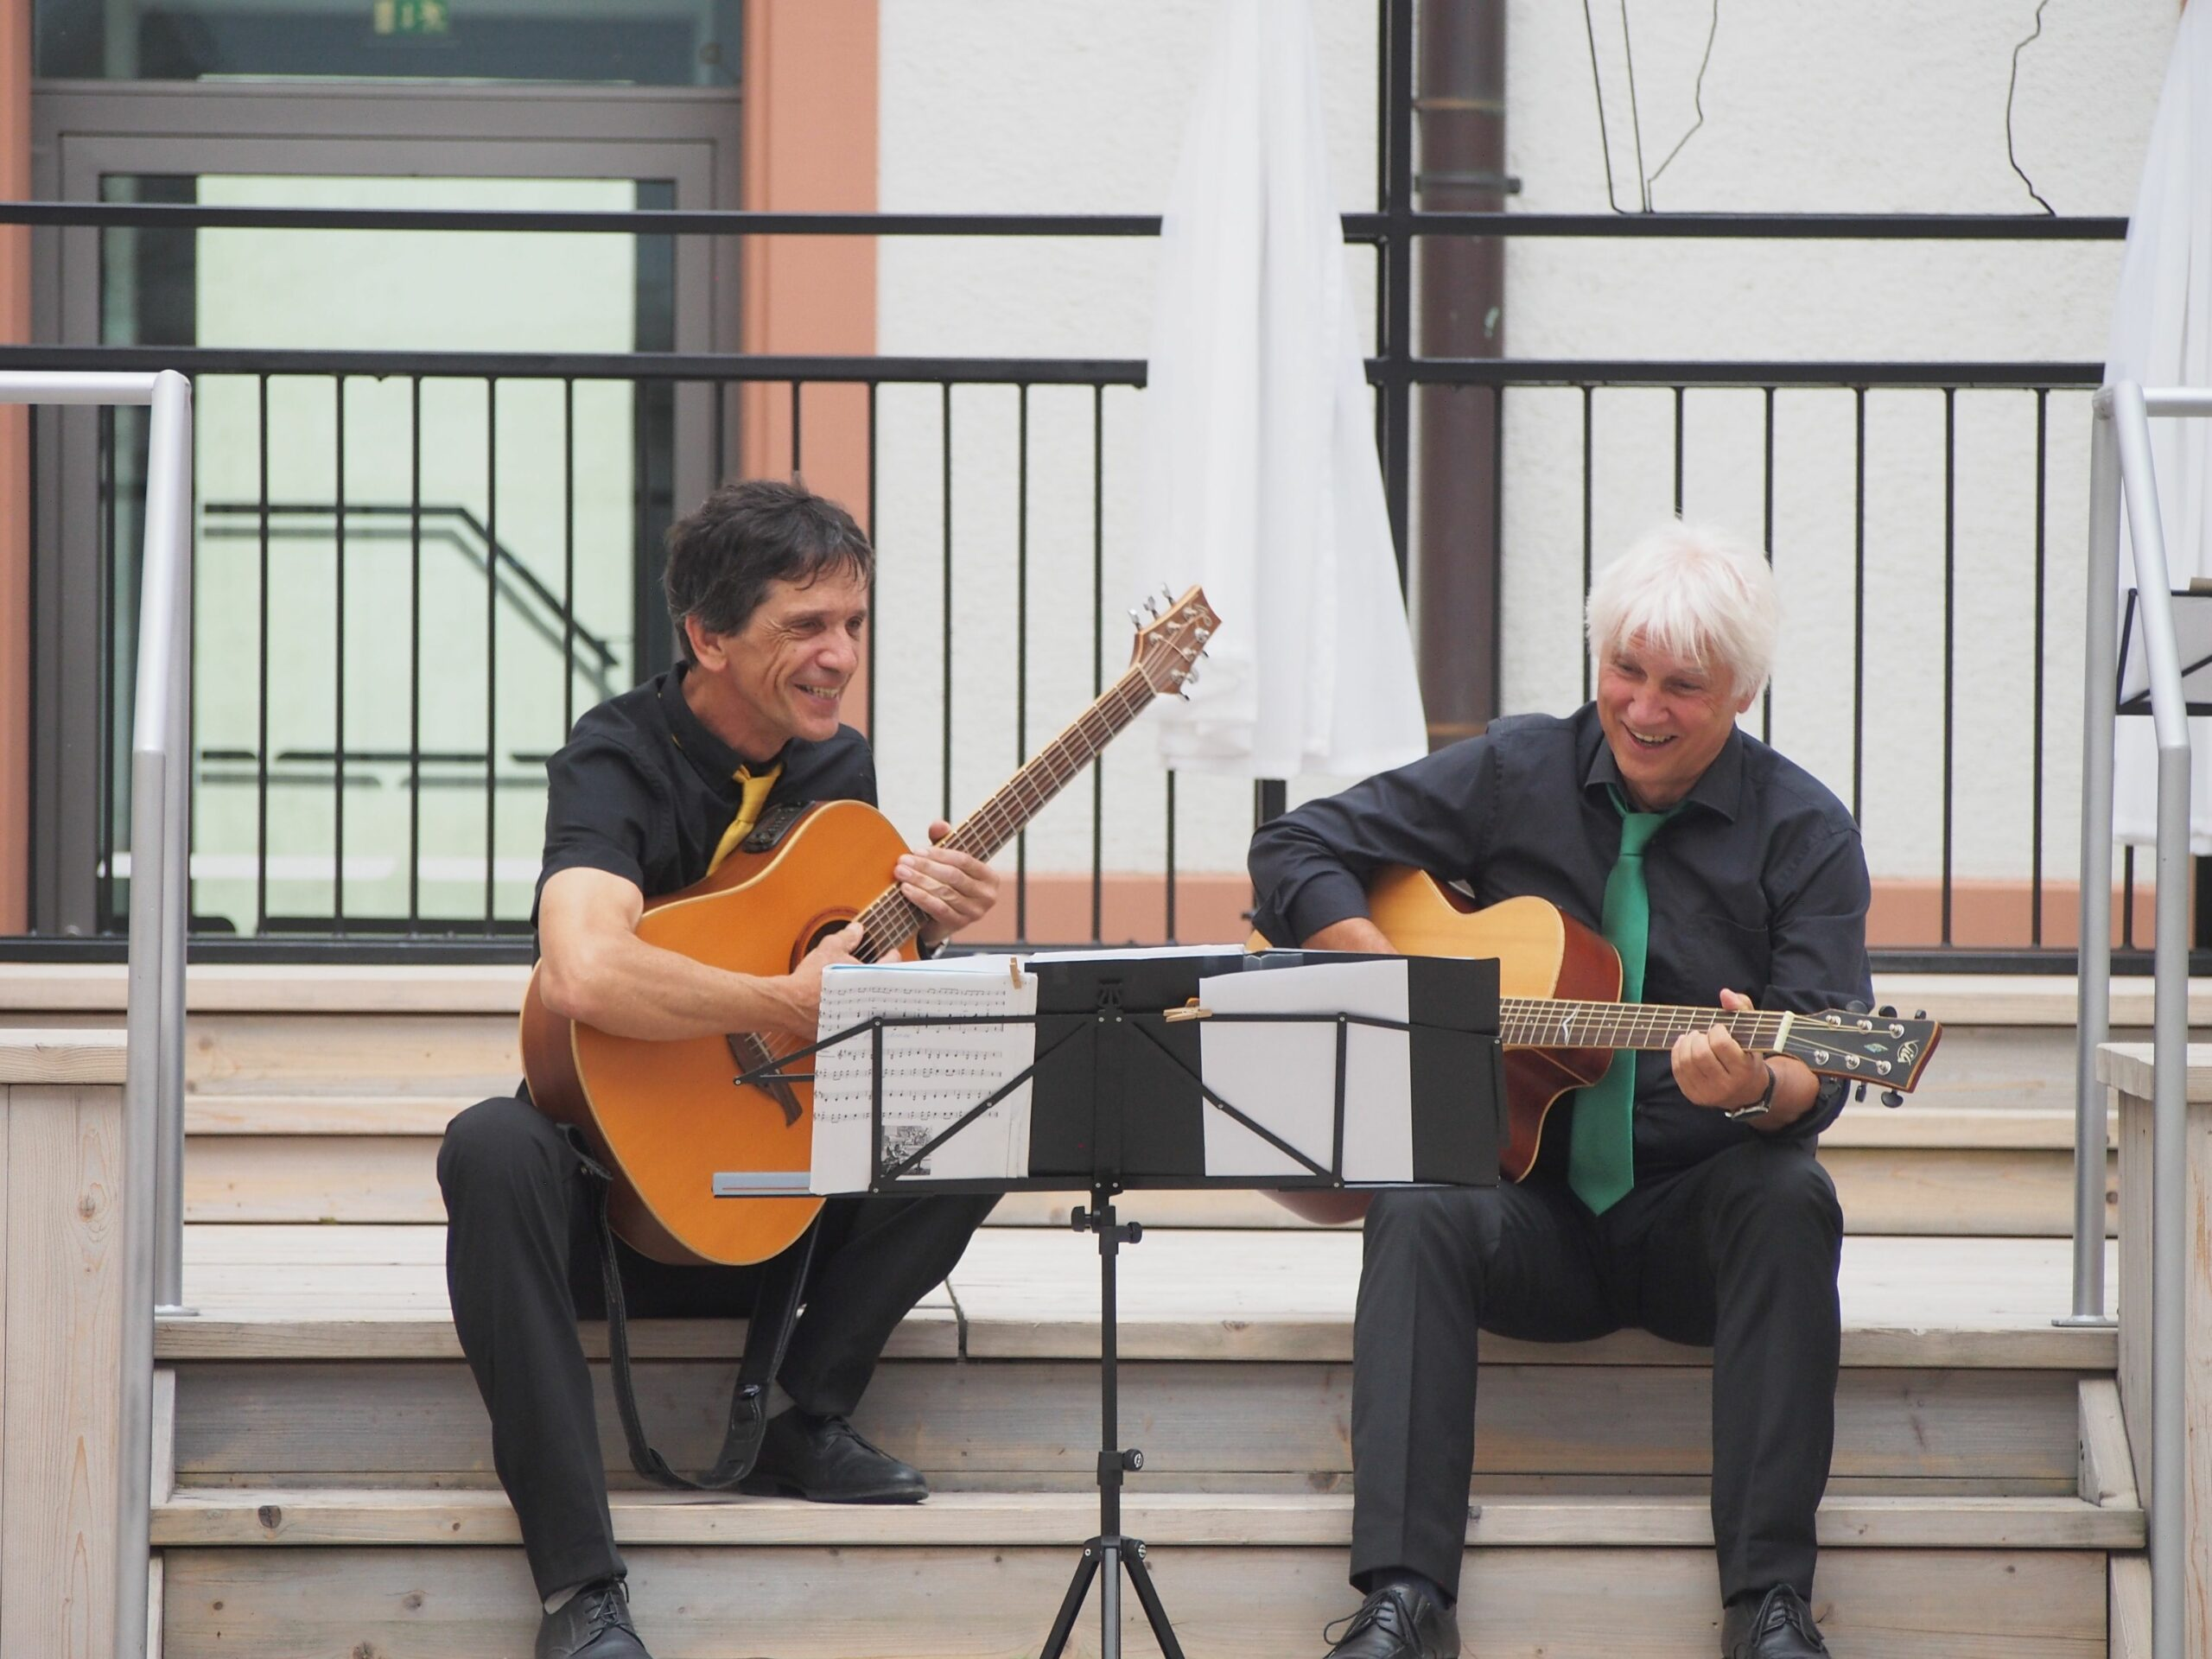 Neue Residenz - Hannes und Herwig mit Gitarren